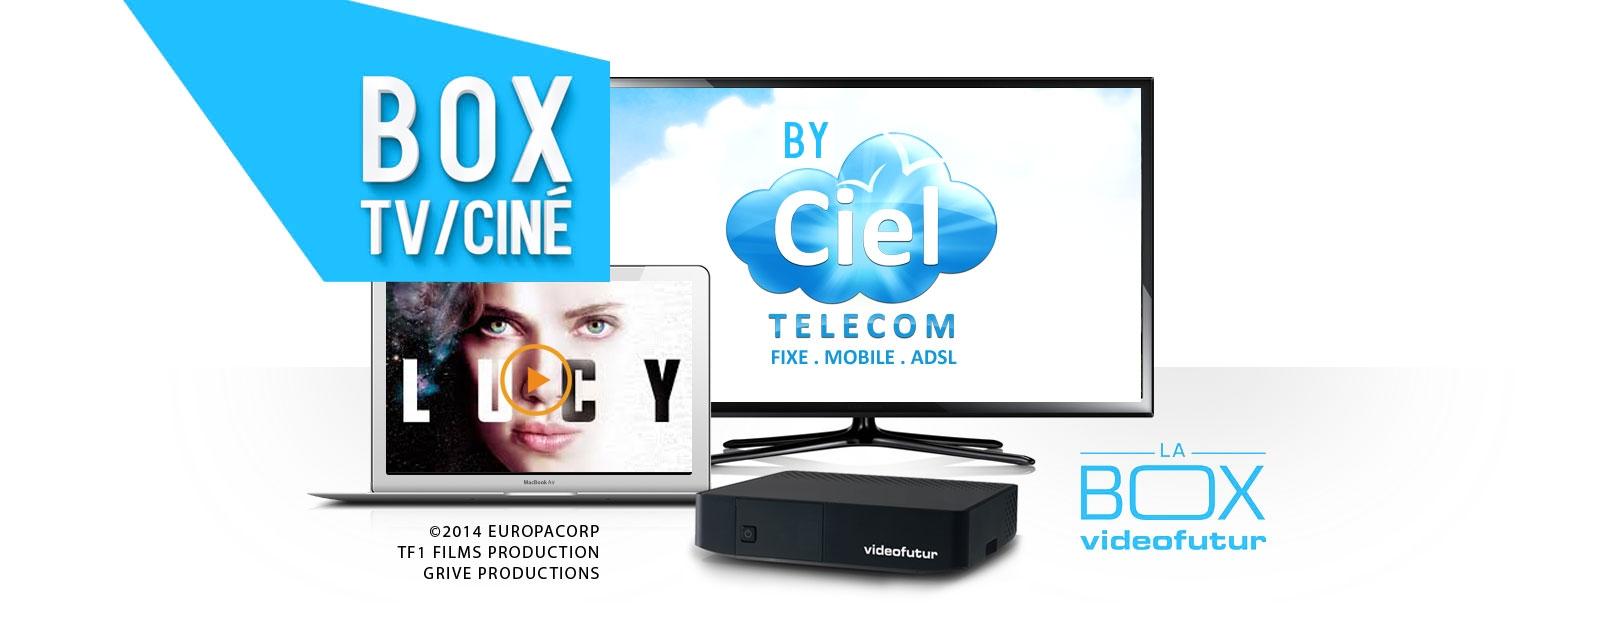 ciel telecom box tv cin. Black Bedroom Furniture Sets. Home Design Ideas